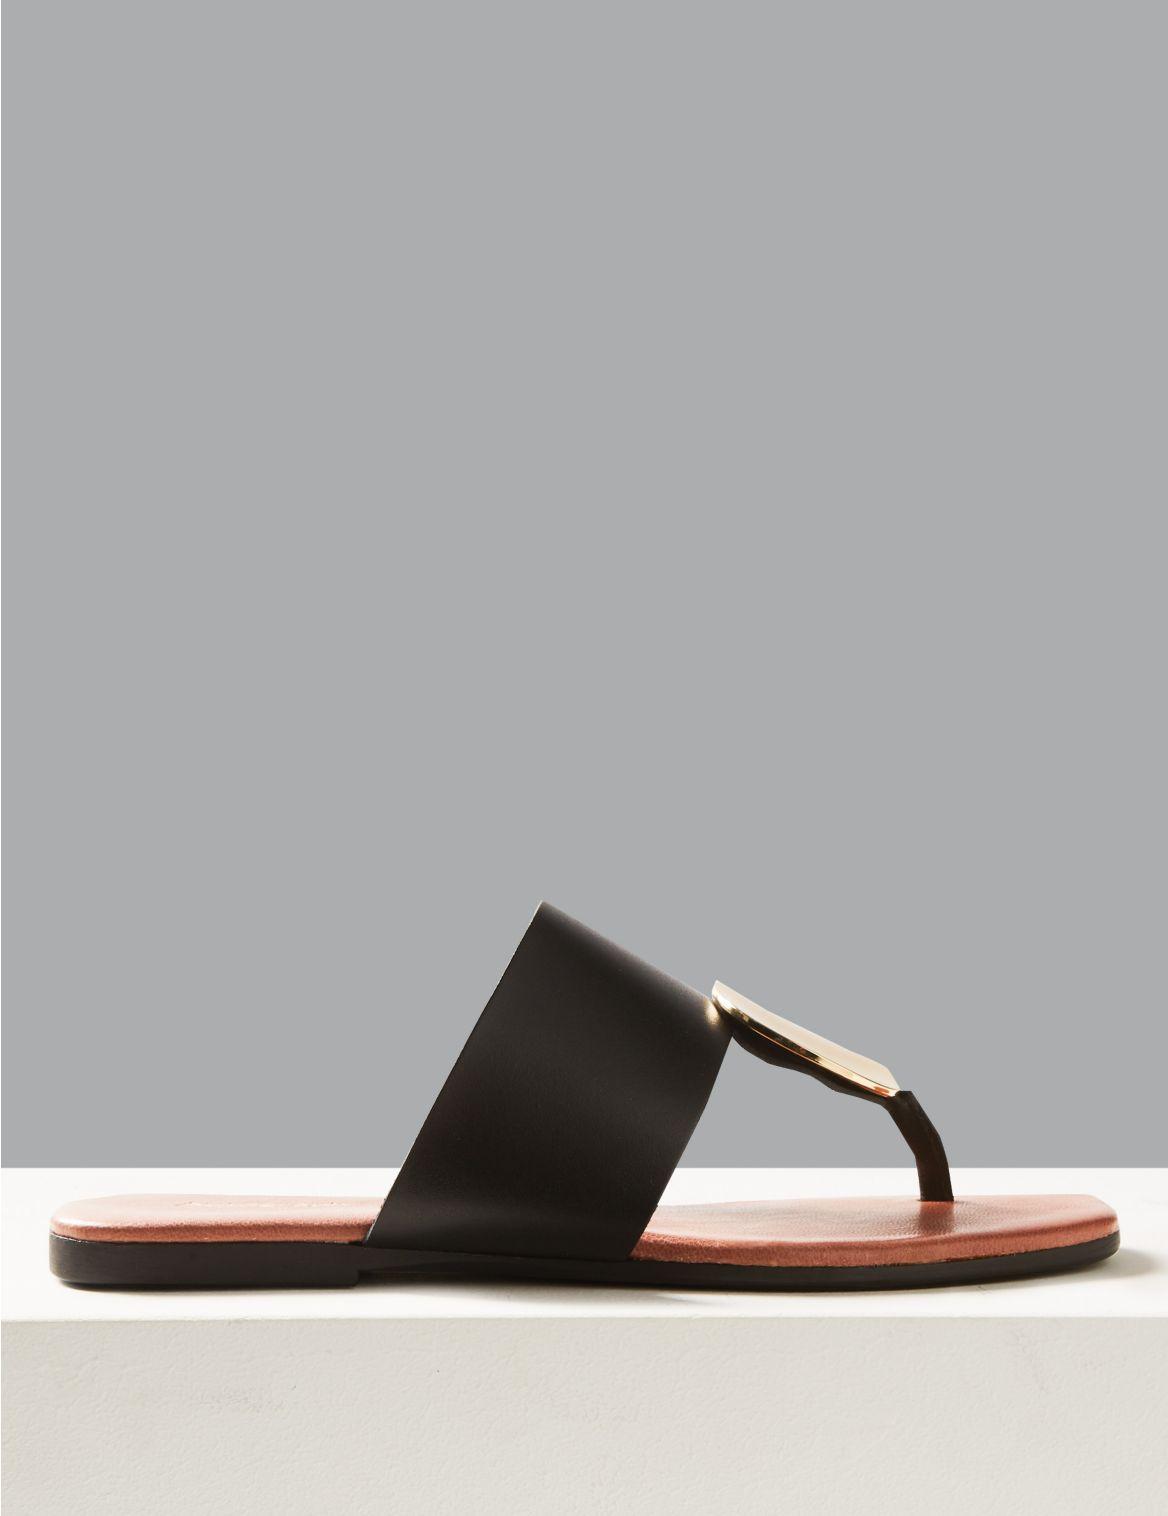 Sandales en cuir avec entre-doigts orné d'un disque